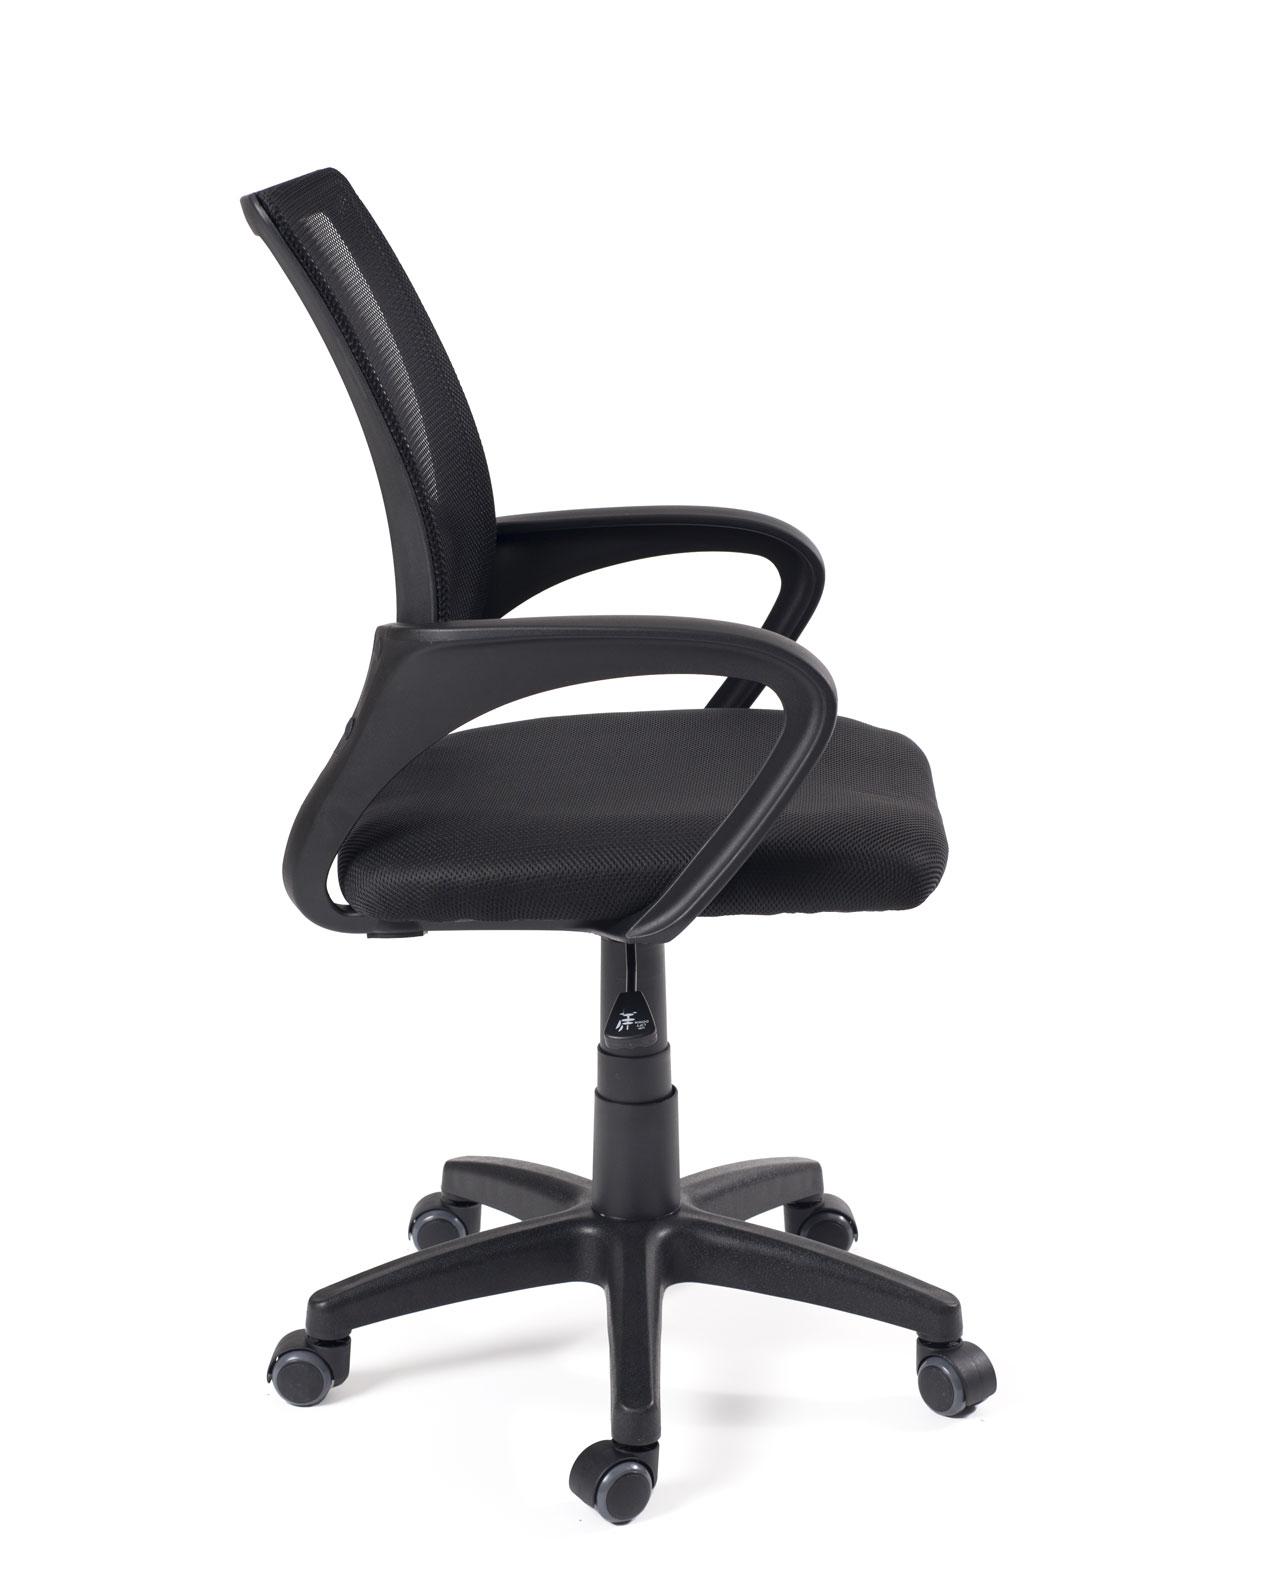 chaise bureau pivotante reglable haut bas flag e